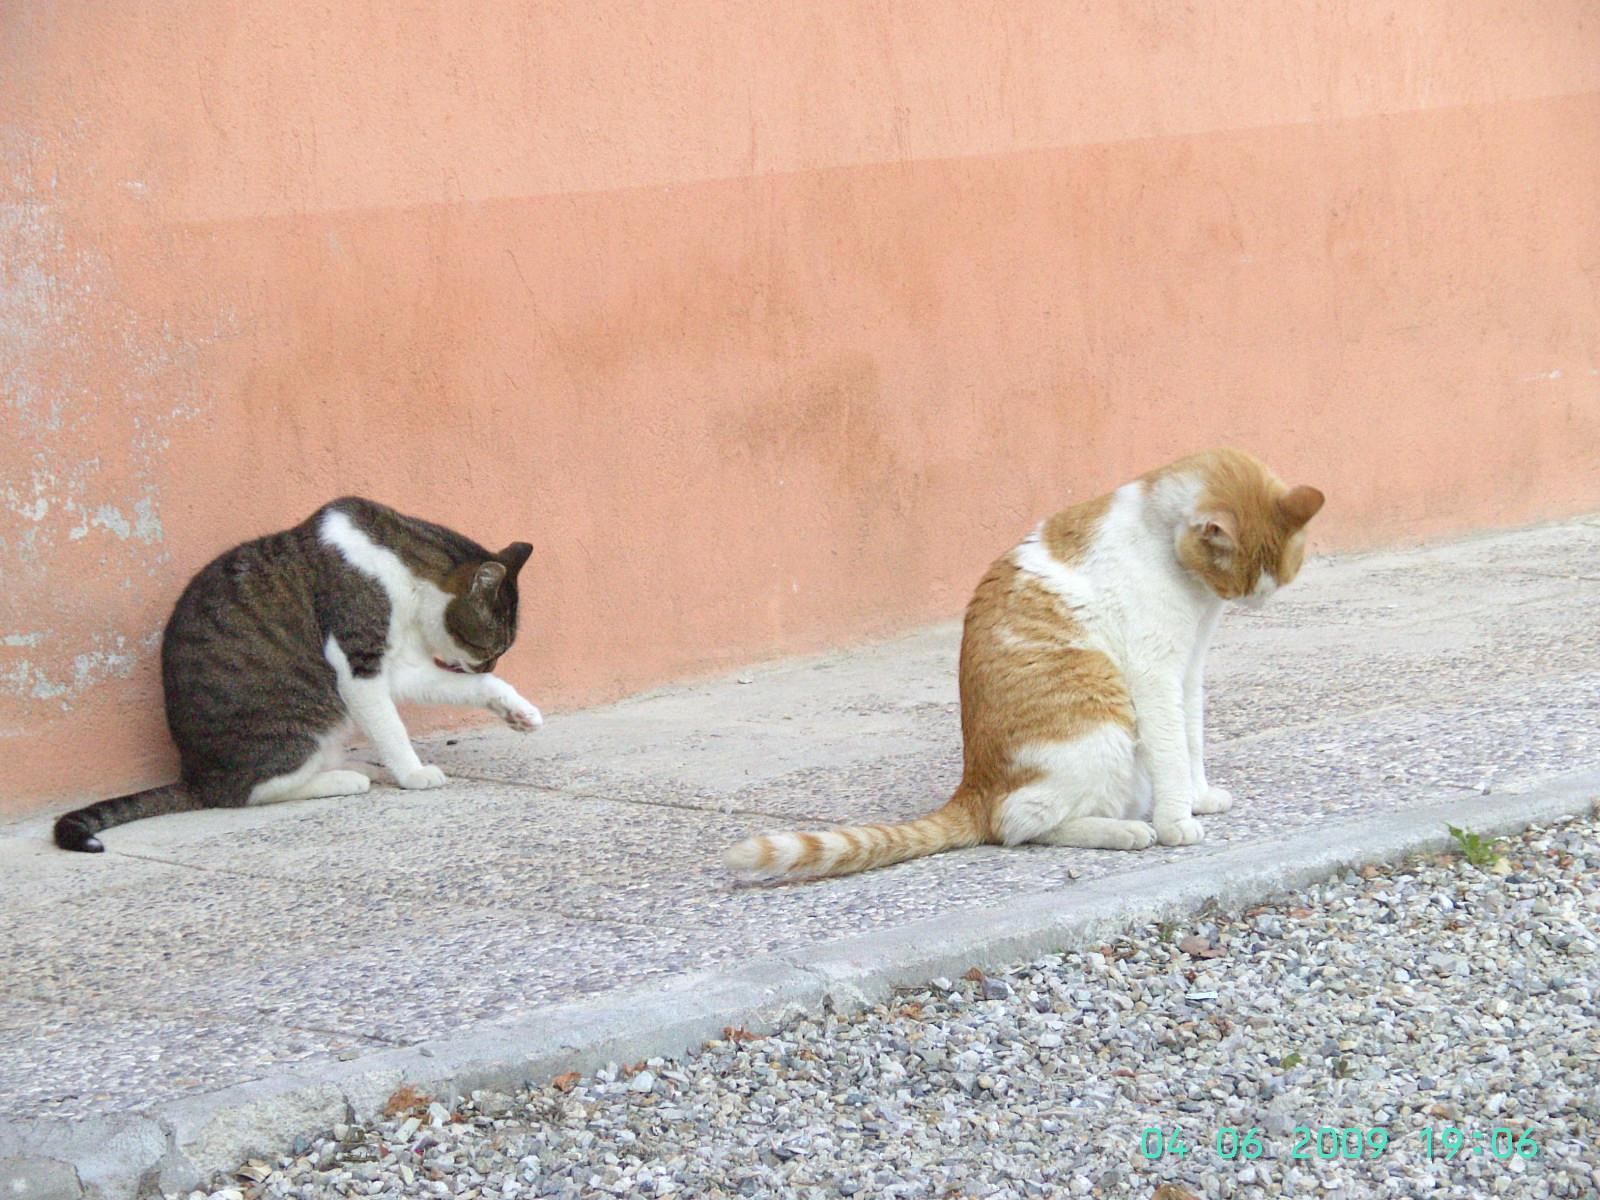 Katzenwäsche - die Linke fremdelt etwas, die rechte will immer gekrault werden